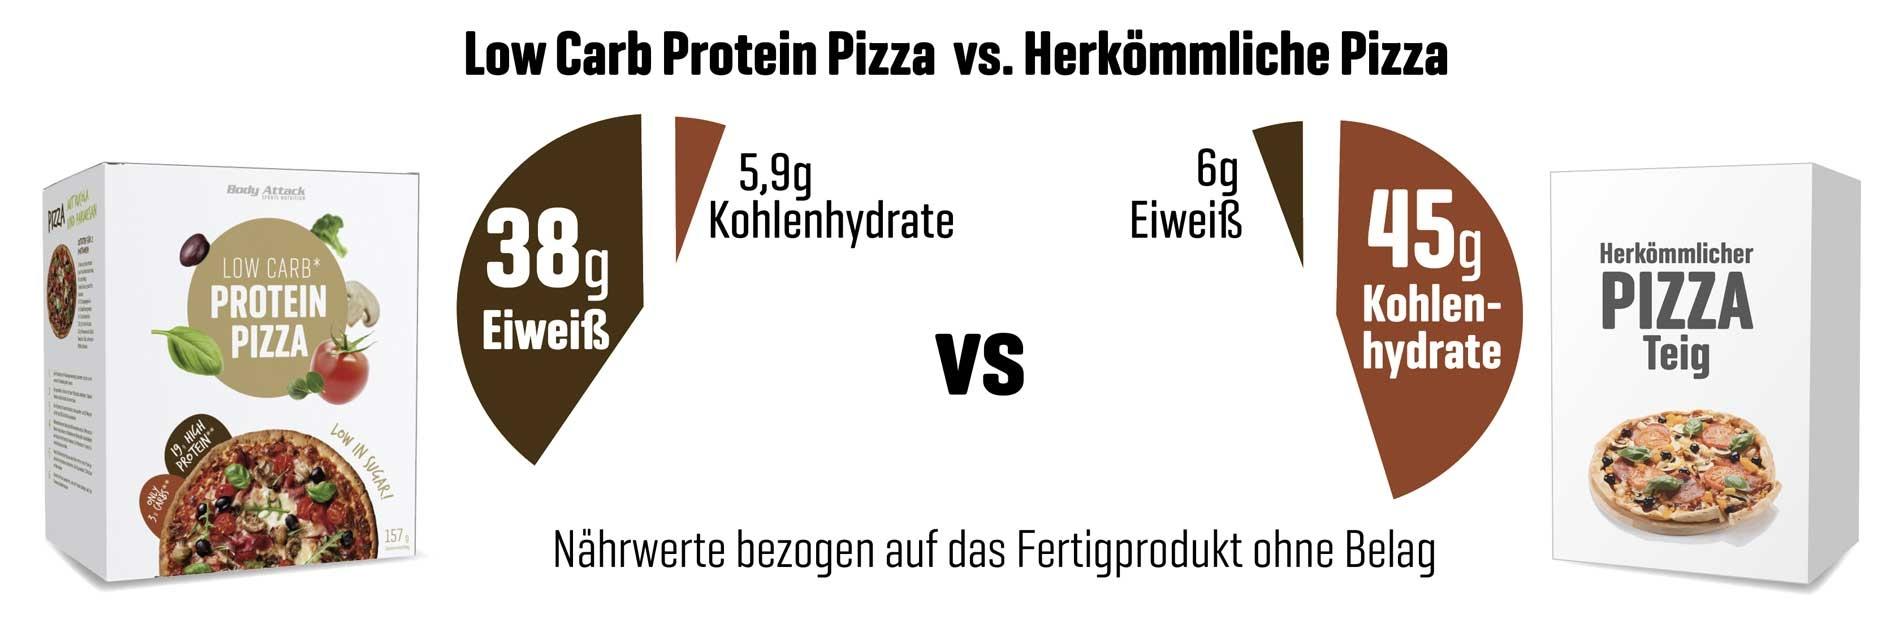 Low Carb Pizza Vergleich